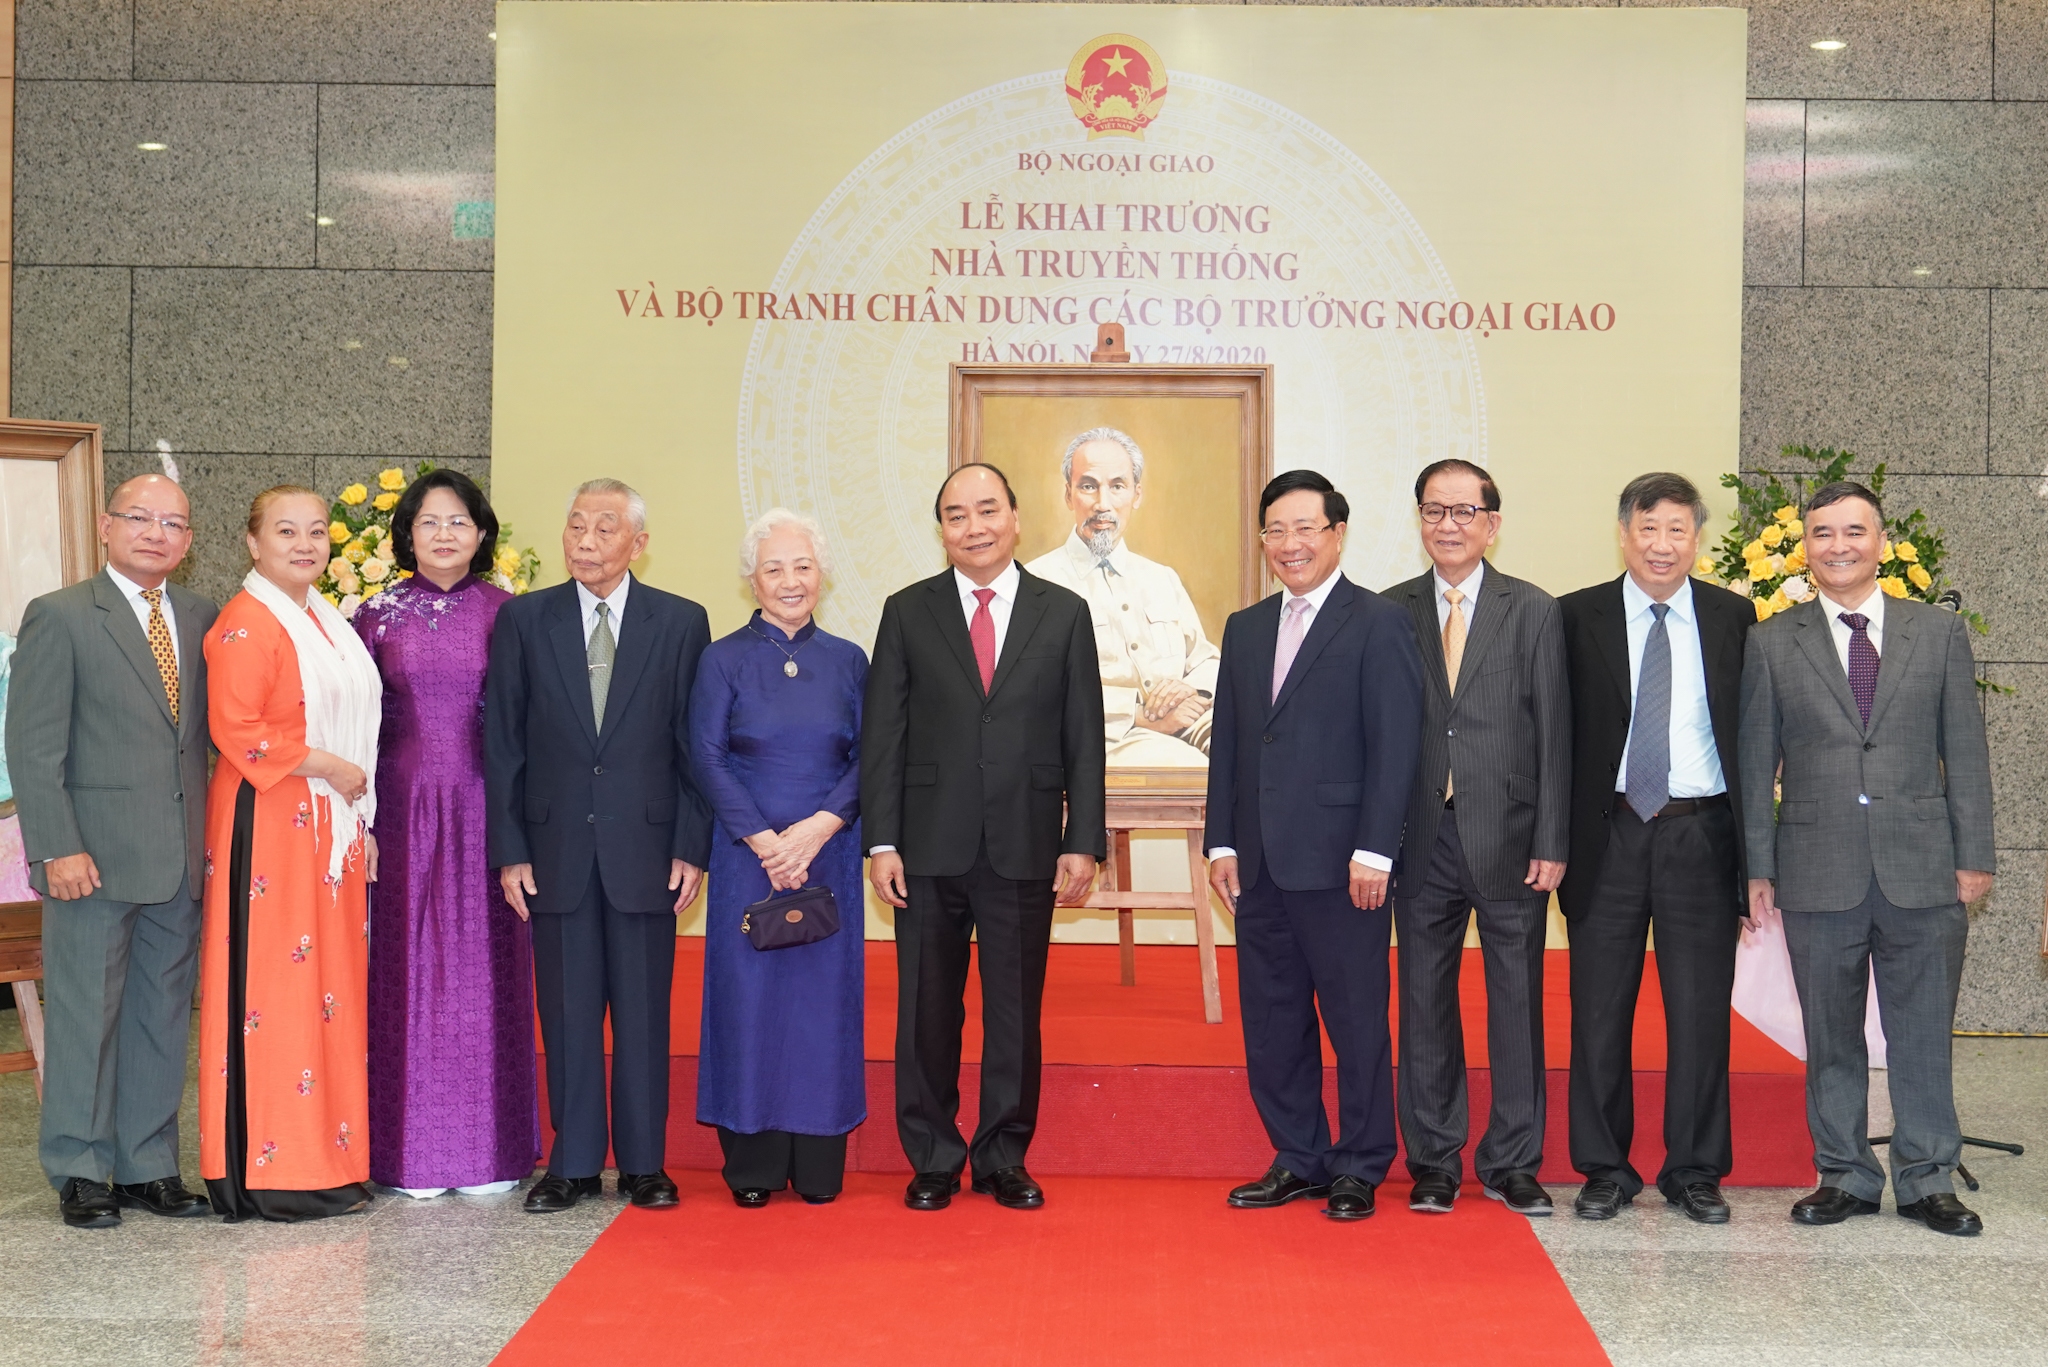 Thủ tướng dự kỷ niệm 75 năm thành lập ngành ngoại giao Việt Nam 4